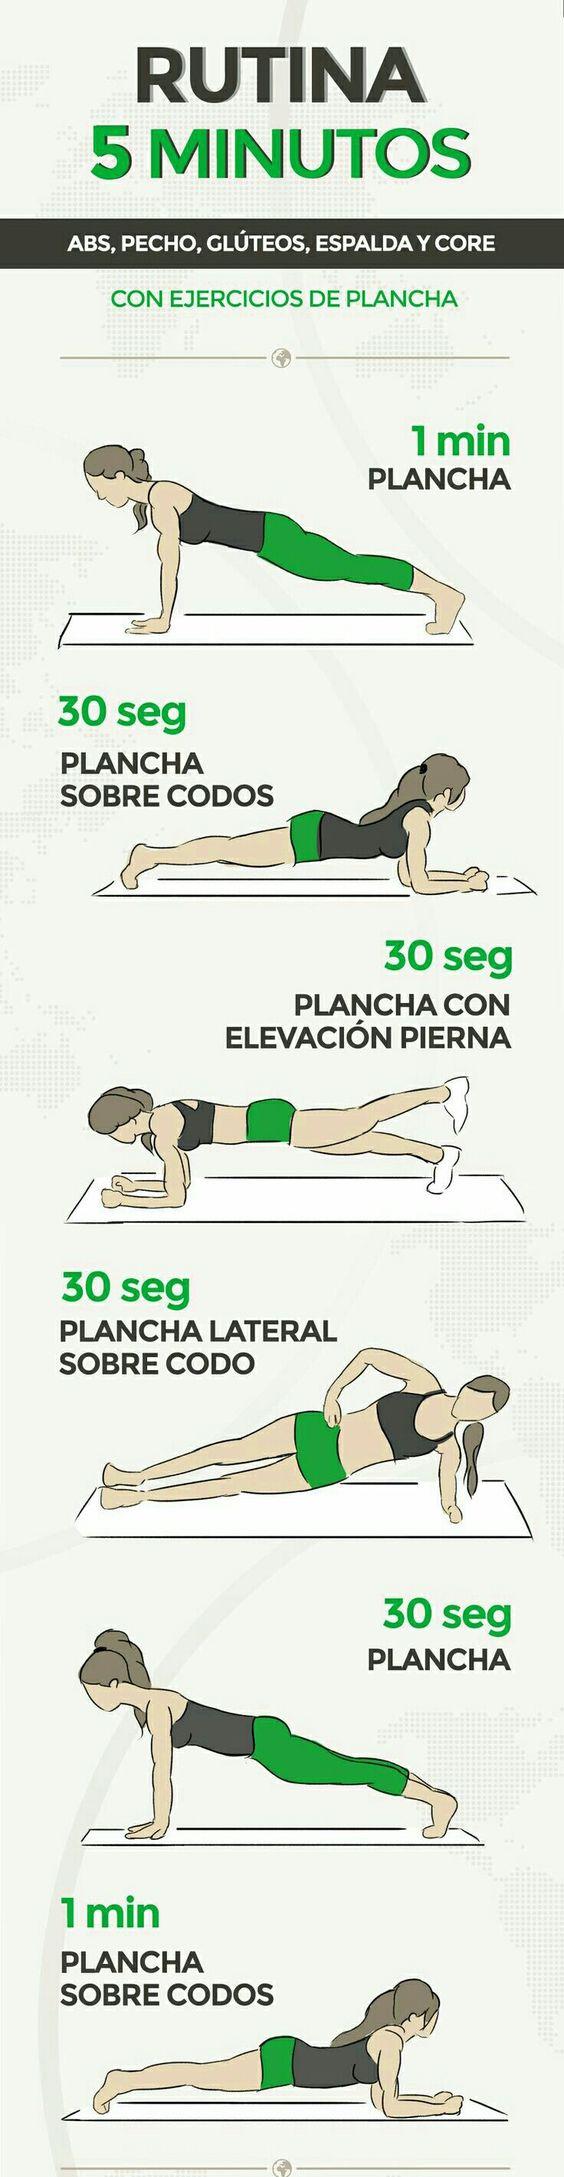 Los ejercicios en casa que transformarán tu cuerpo en un mes. ¡Comienza hoy mismo!: